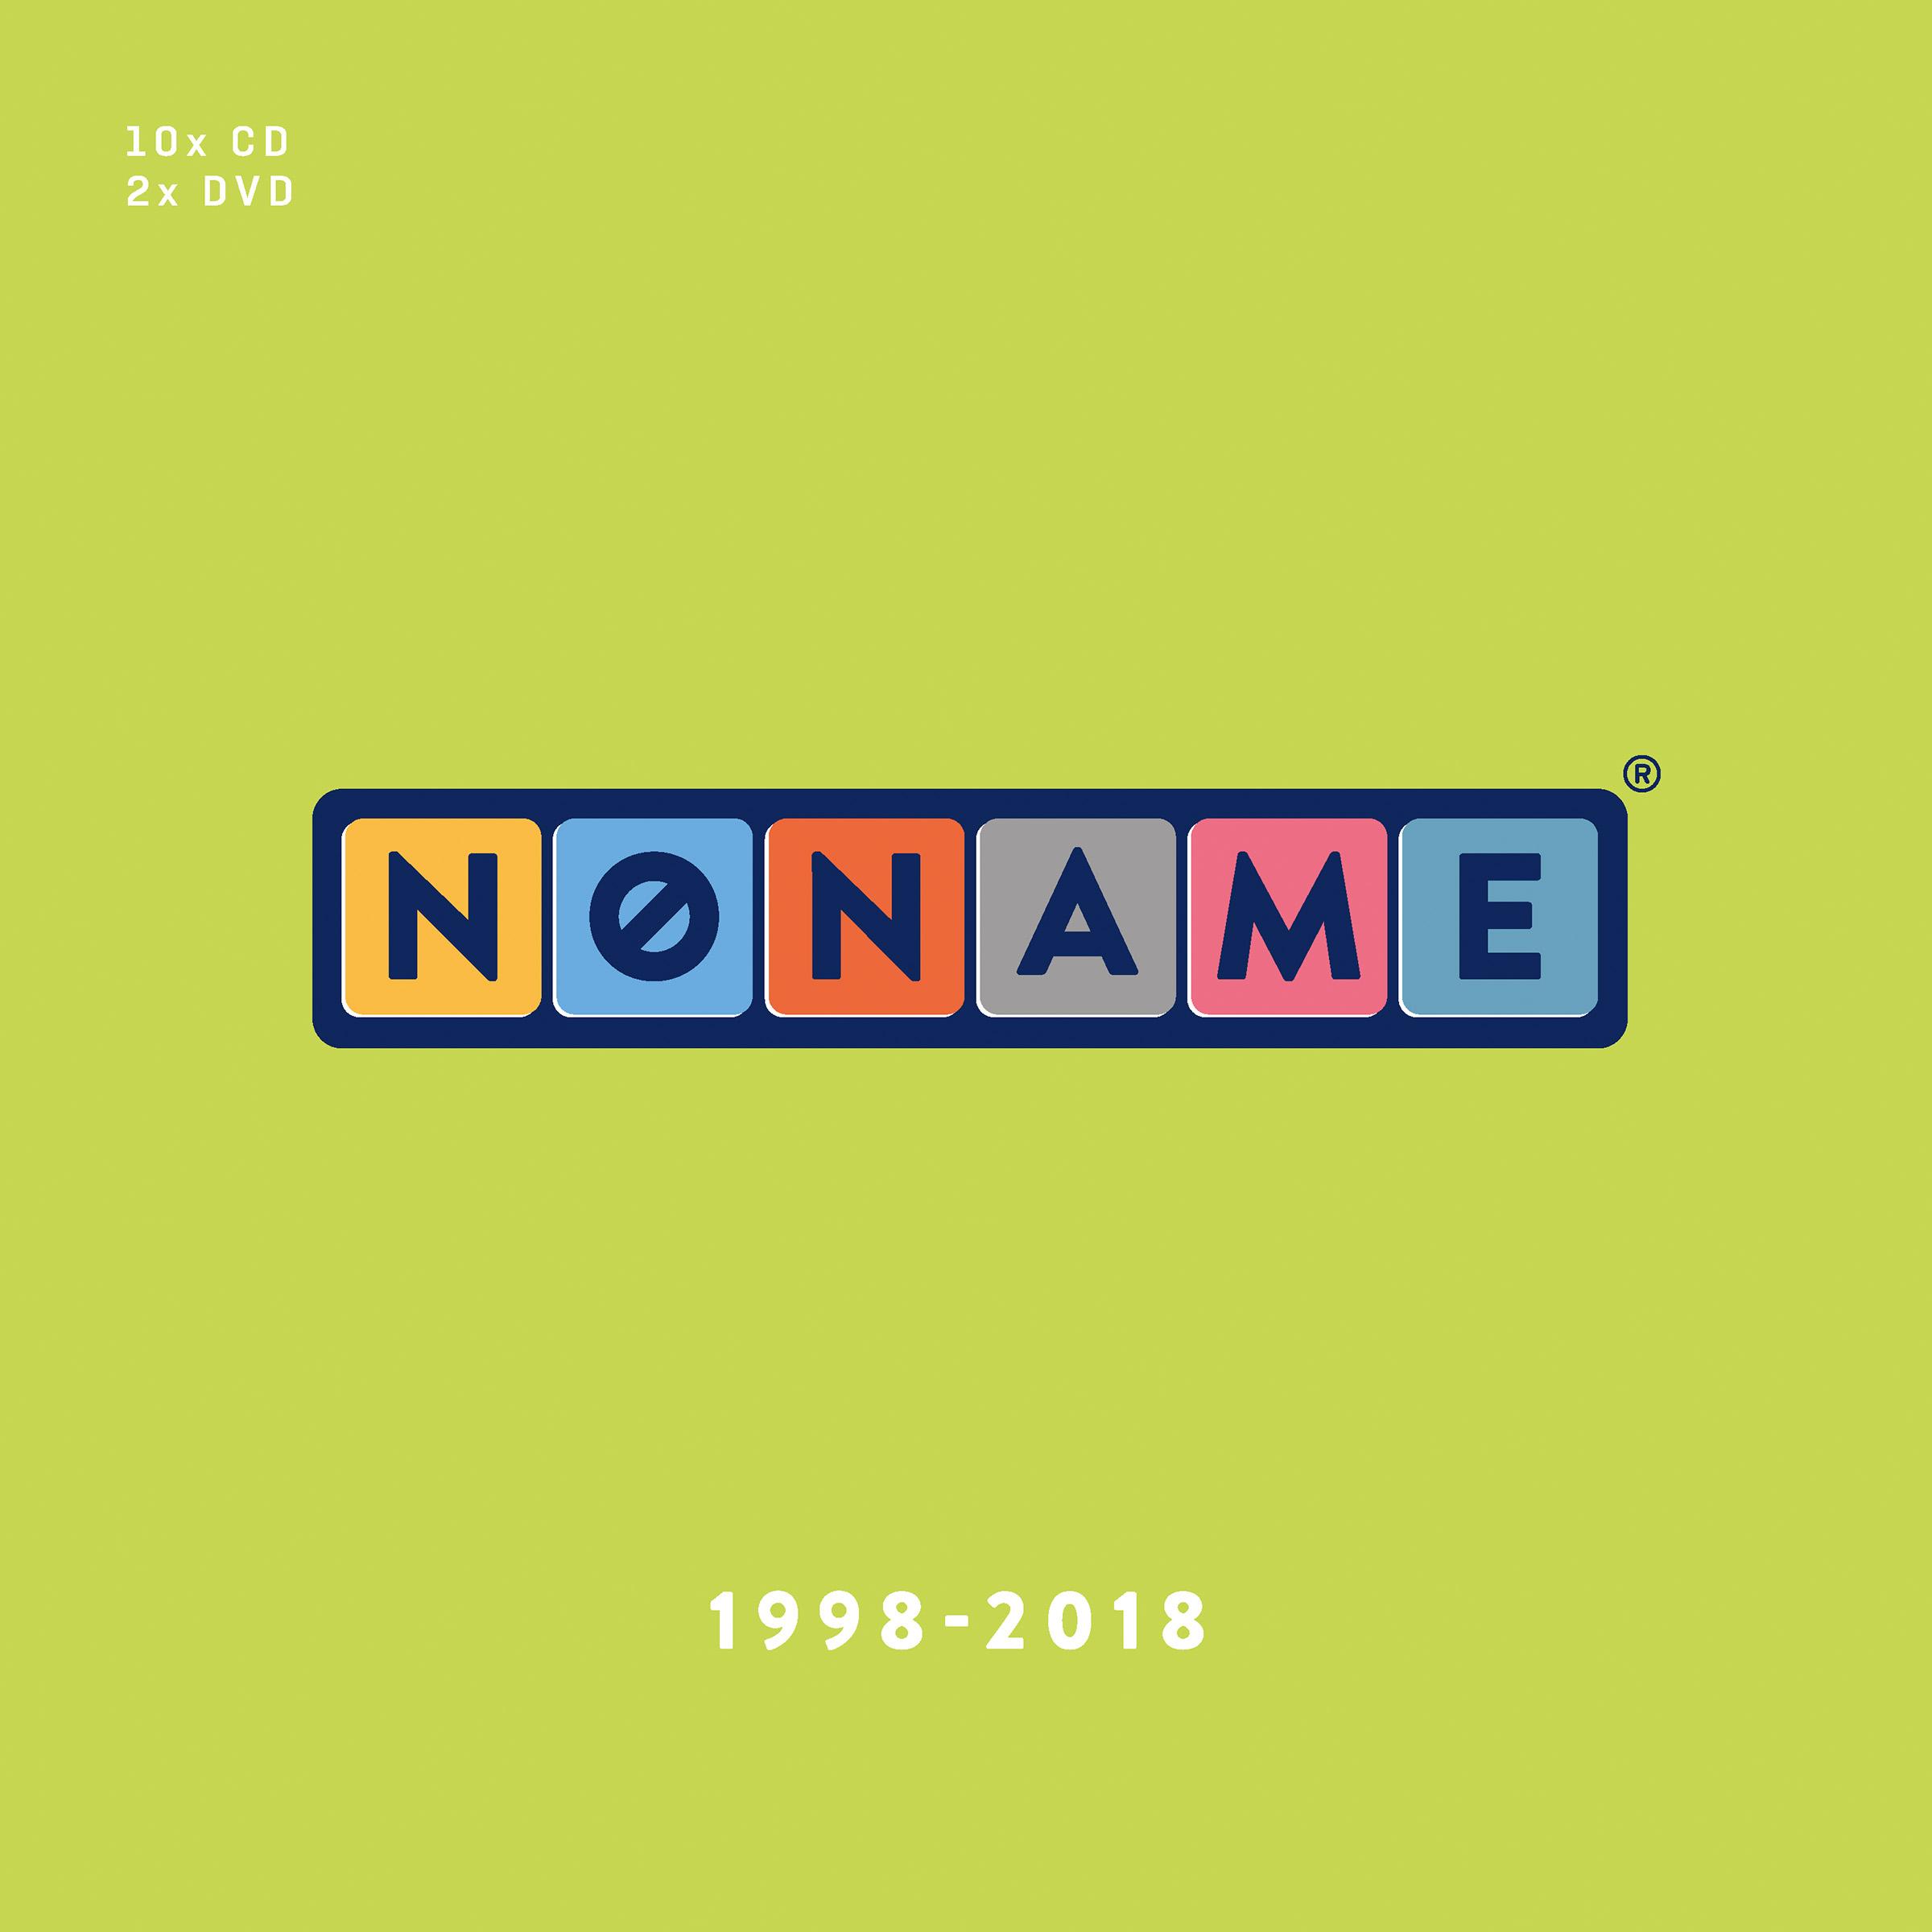 nonamecd